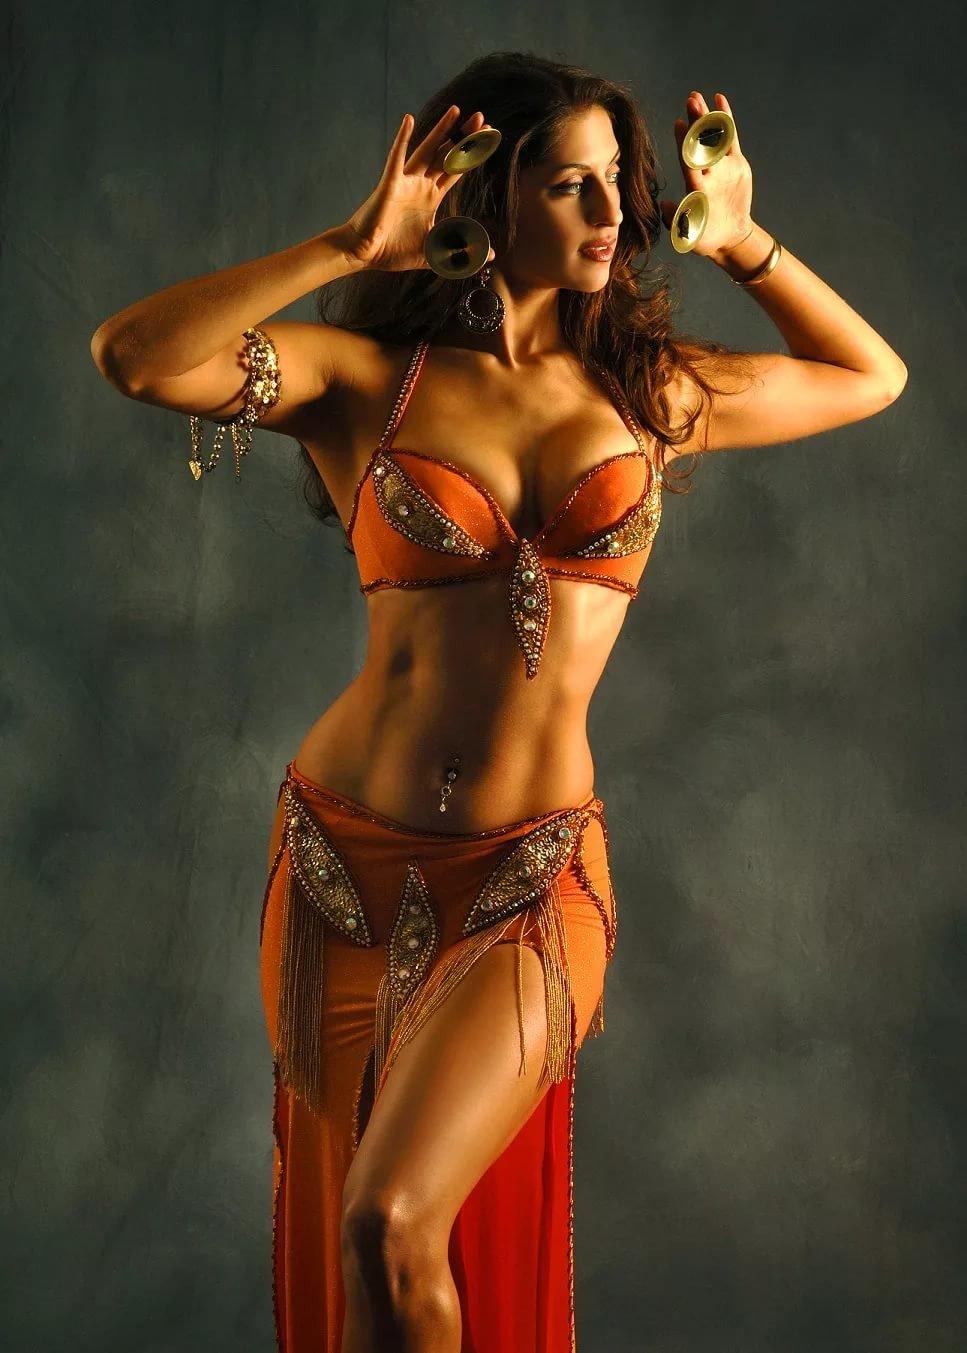 Hot dancing girl